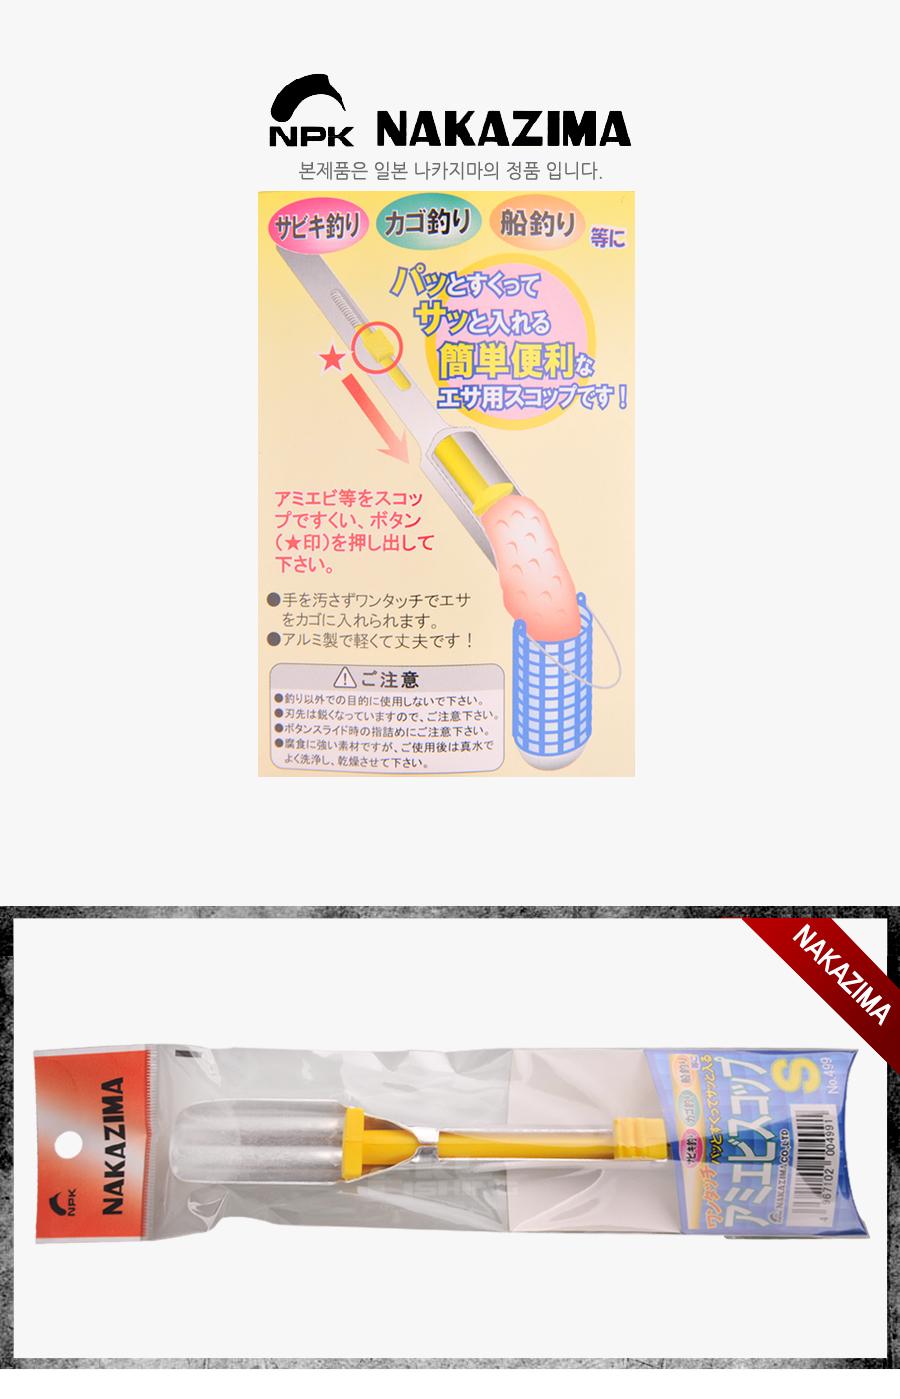 나카지마 아미에비스컵(카고주걱) (MADE IN JAPAN) 카고용주걱 카고밑밥주걱 SCOOPS 스쿱